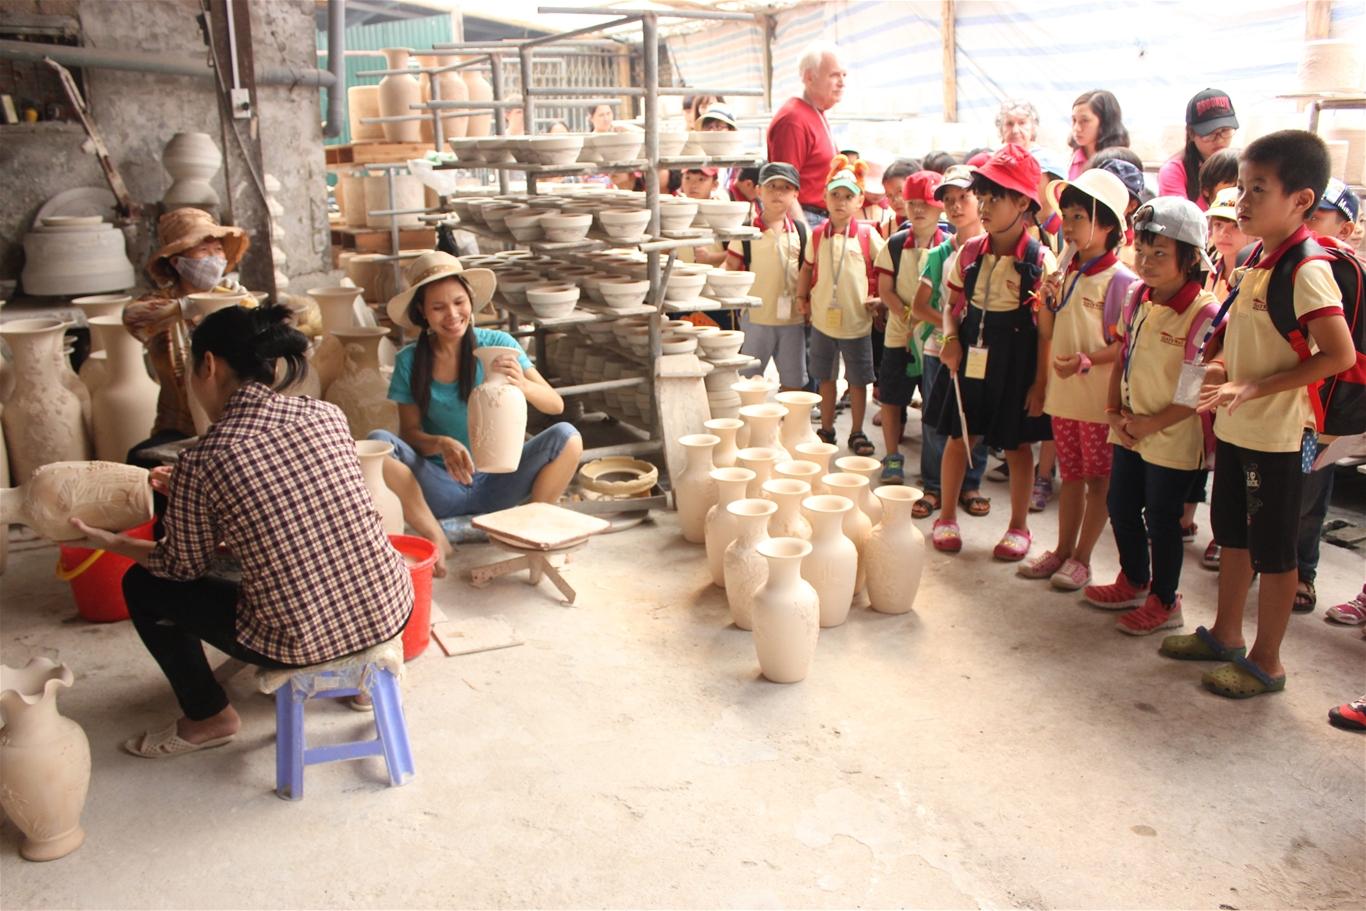 Bát Tràng là một làng gốm lâu đời, nổi tiếng, có nhiều truyền thống văn hóa, vừa mang những sắc thái cộng đồng chung của làng xã vùng đồng bằng Bắc Bộ, vừa phản ánh những nét đặc thù của nghề gốm